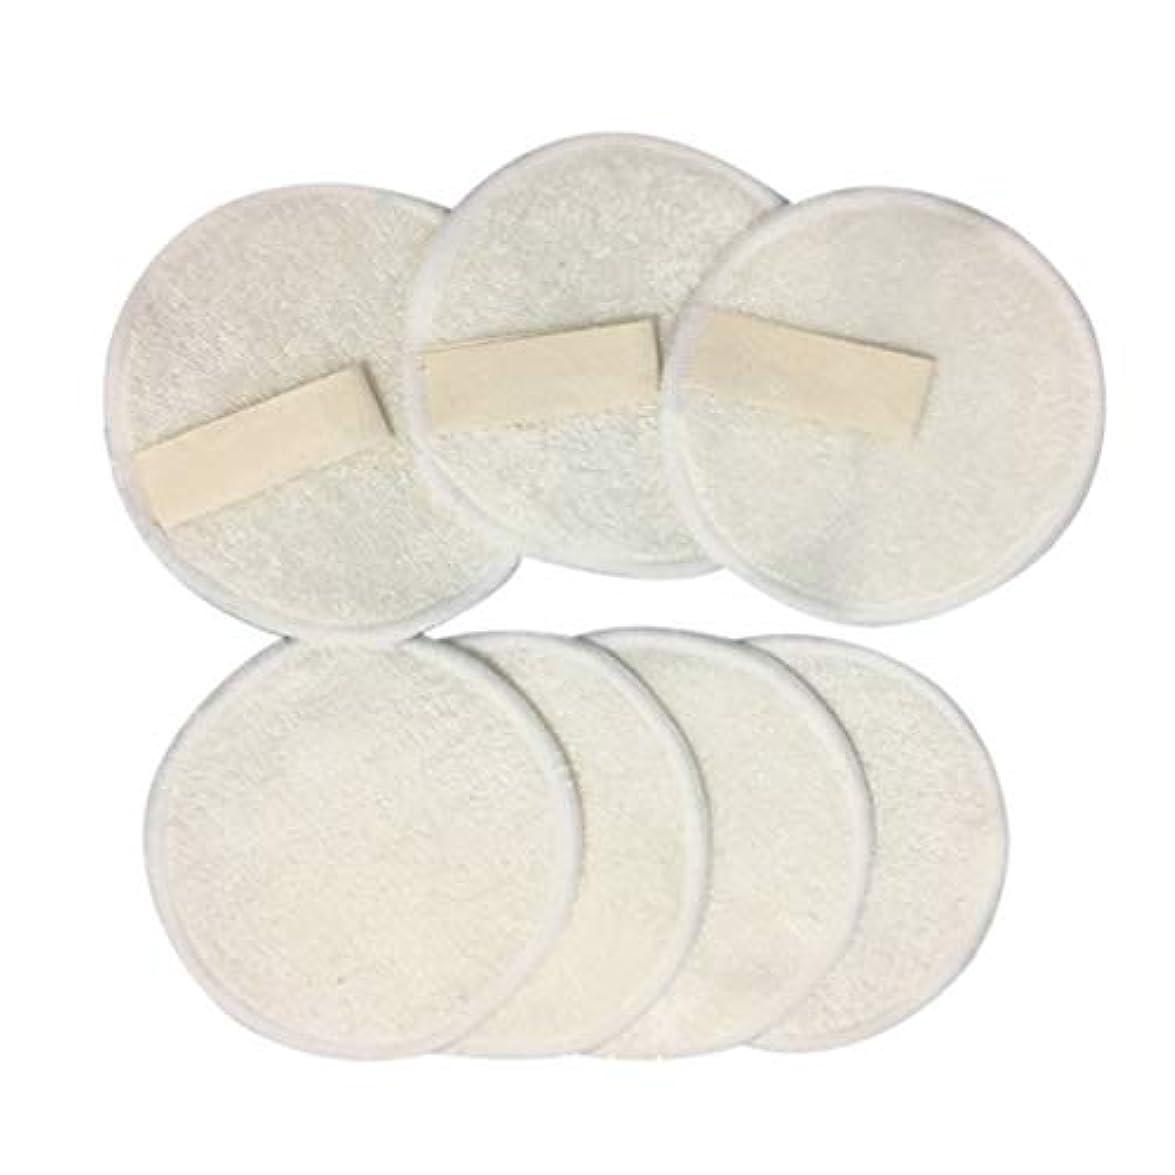 防止兵隊偏心Frcolor 10ピース 竹メイクリムーバーパッド 3層 再利用可能 綿 ラウンド パッドクレンジングワイプウォッシャブルクリーンスキンケア用女性